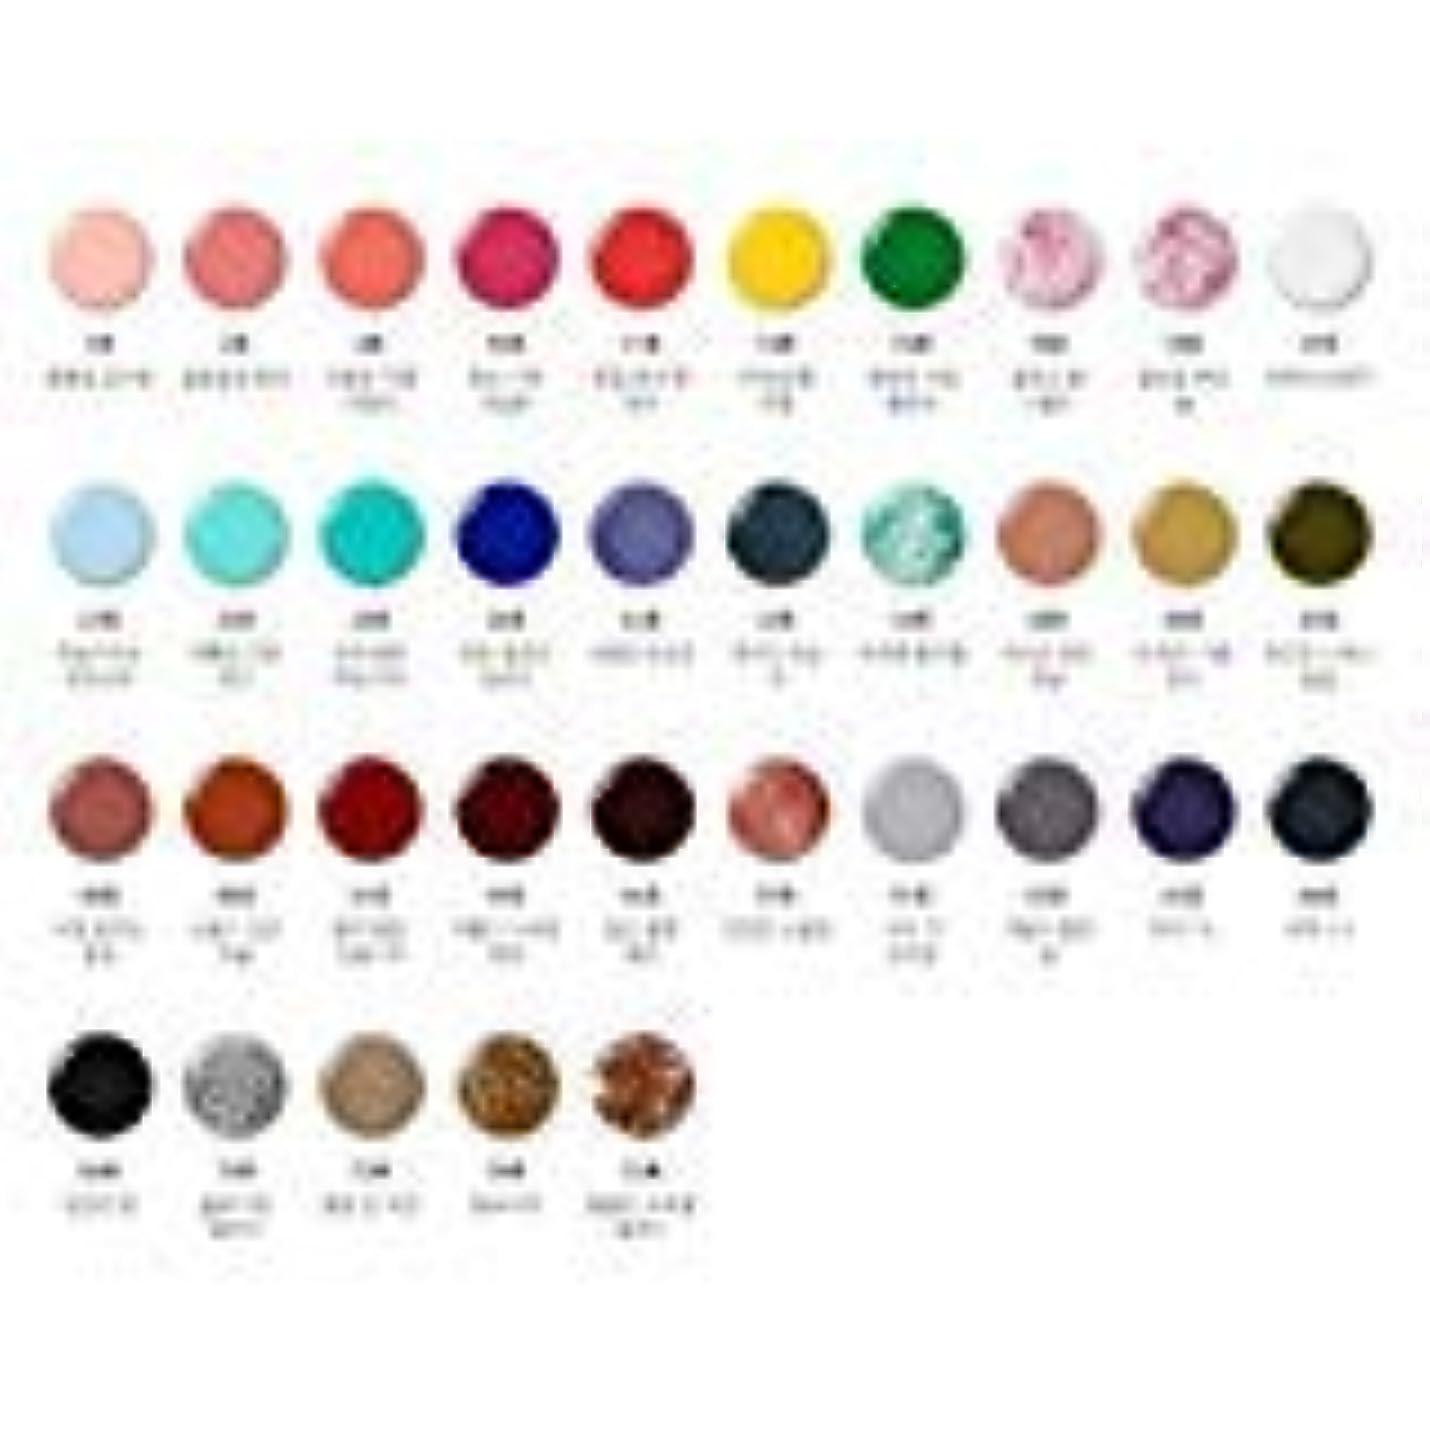 反逆抑制ワゴン[イニスフリー.innisfree]リアルカラーネイル6mL(2019 new)/ Real Color Nail_美しい自然からインスピレーションを受けた鮮やかなカラー感の高発色高光沢ネイルカラー (#62)